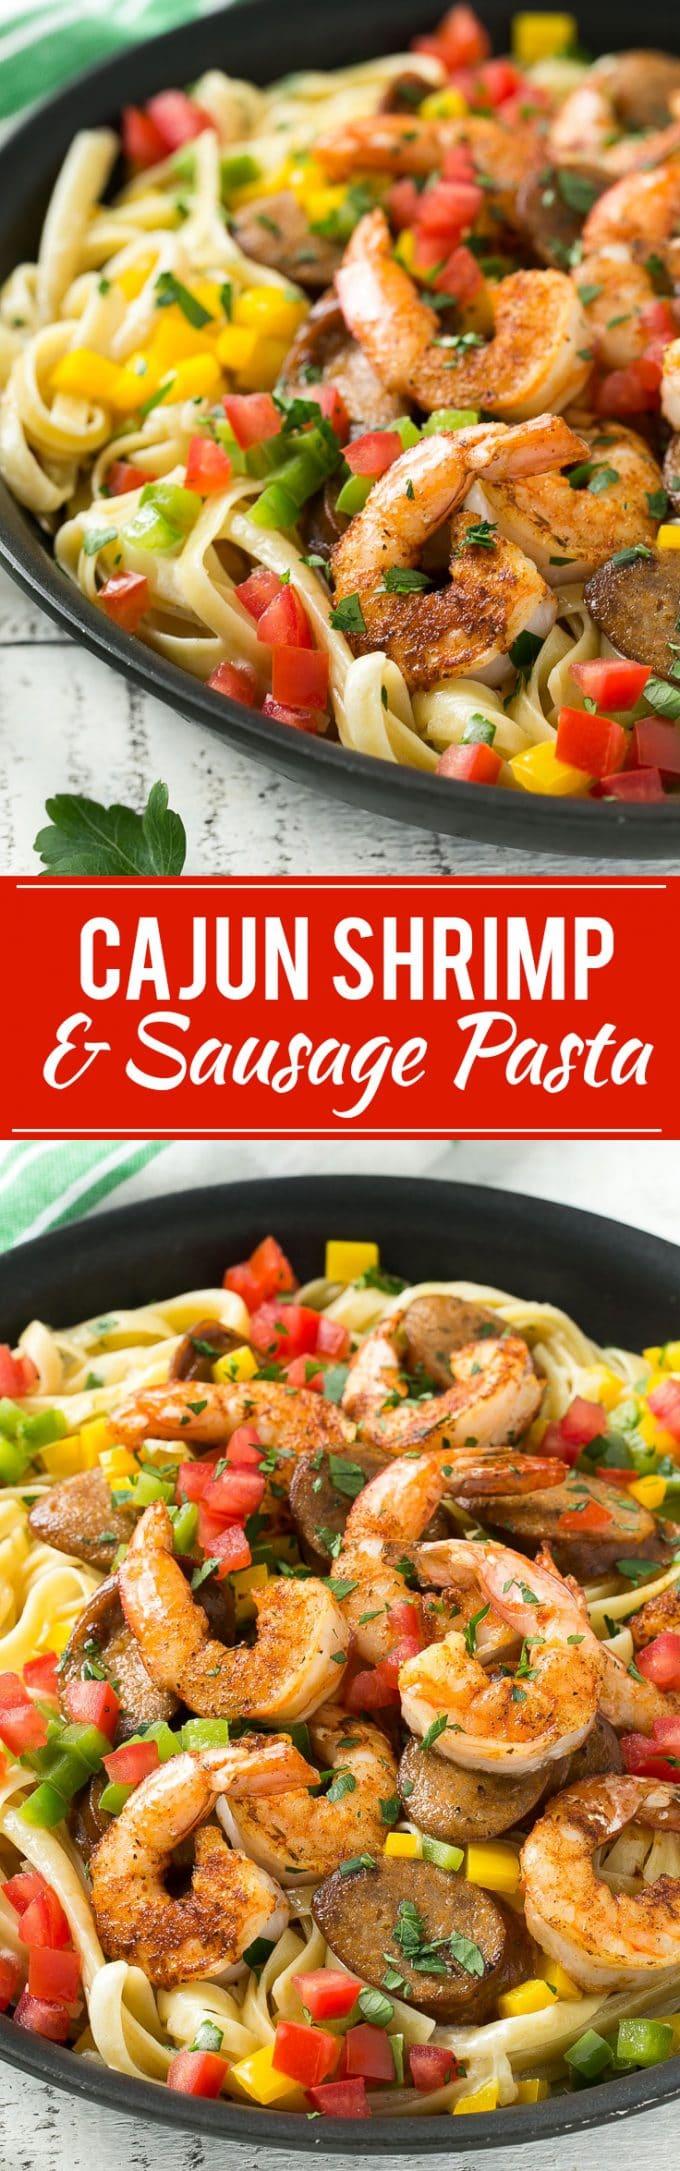 Cajun Shrimp and Sausage Pasta Recipe | Cajun Shrimp and Sausage Pasta ...